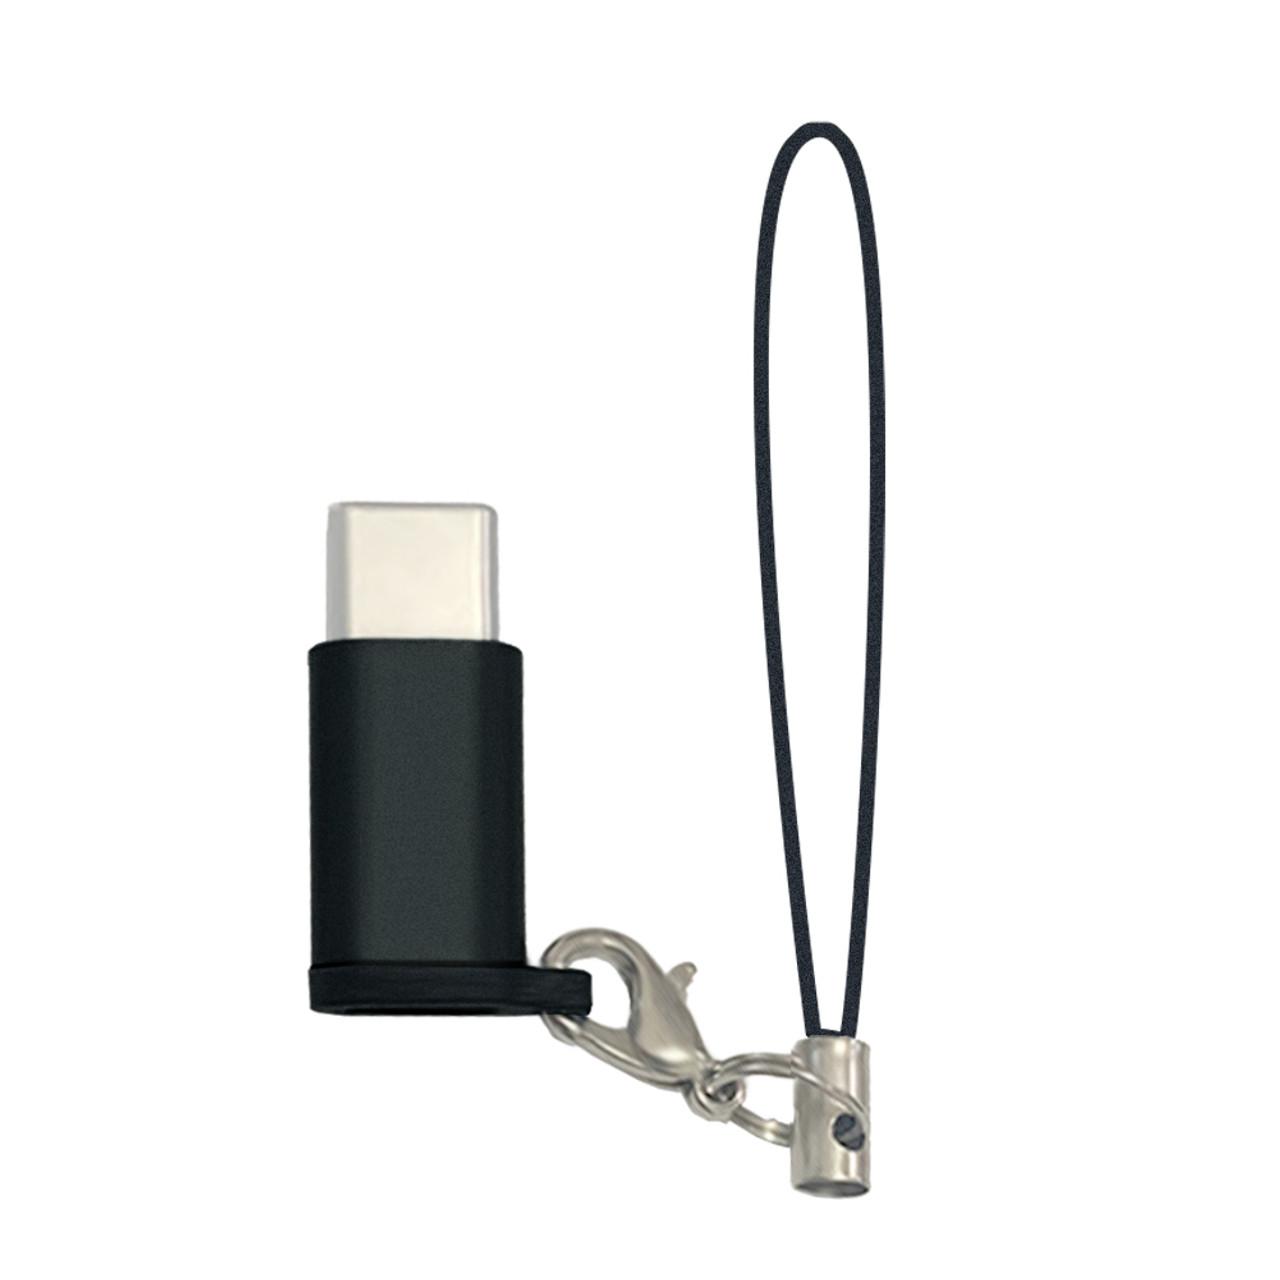 SpeedyBee USB Type-C